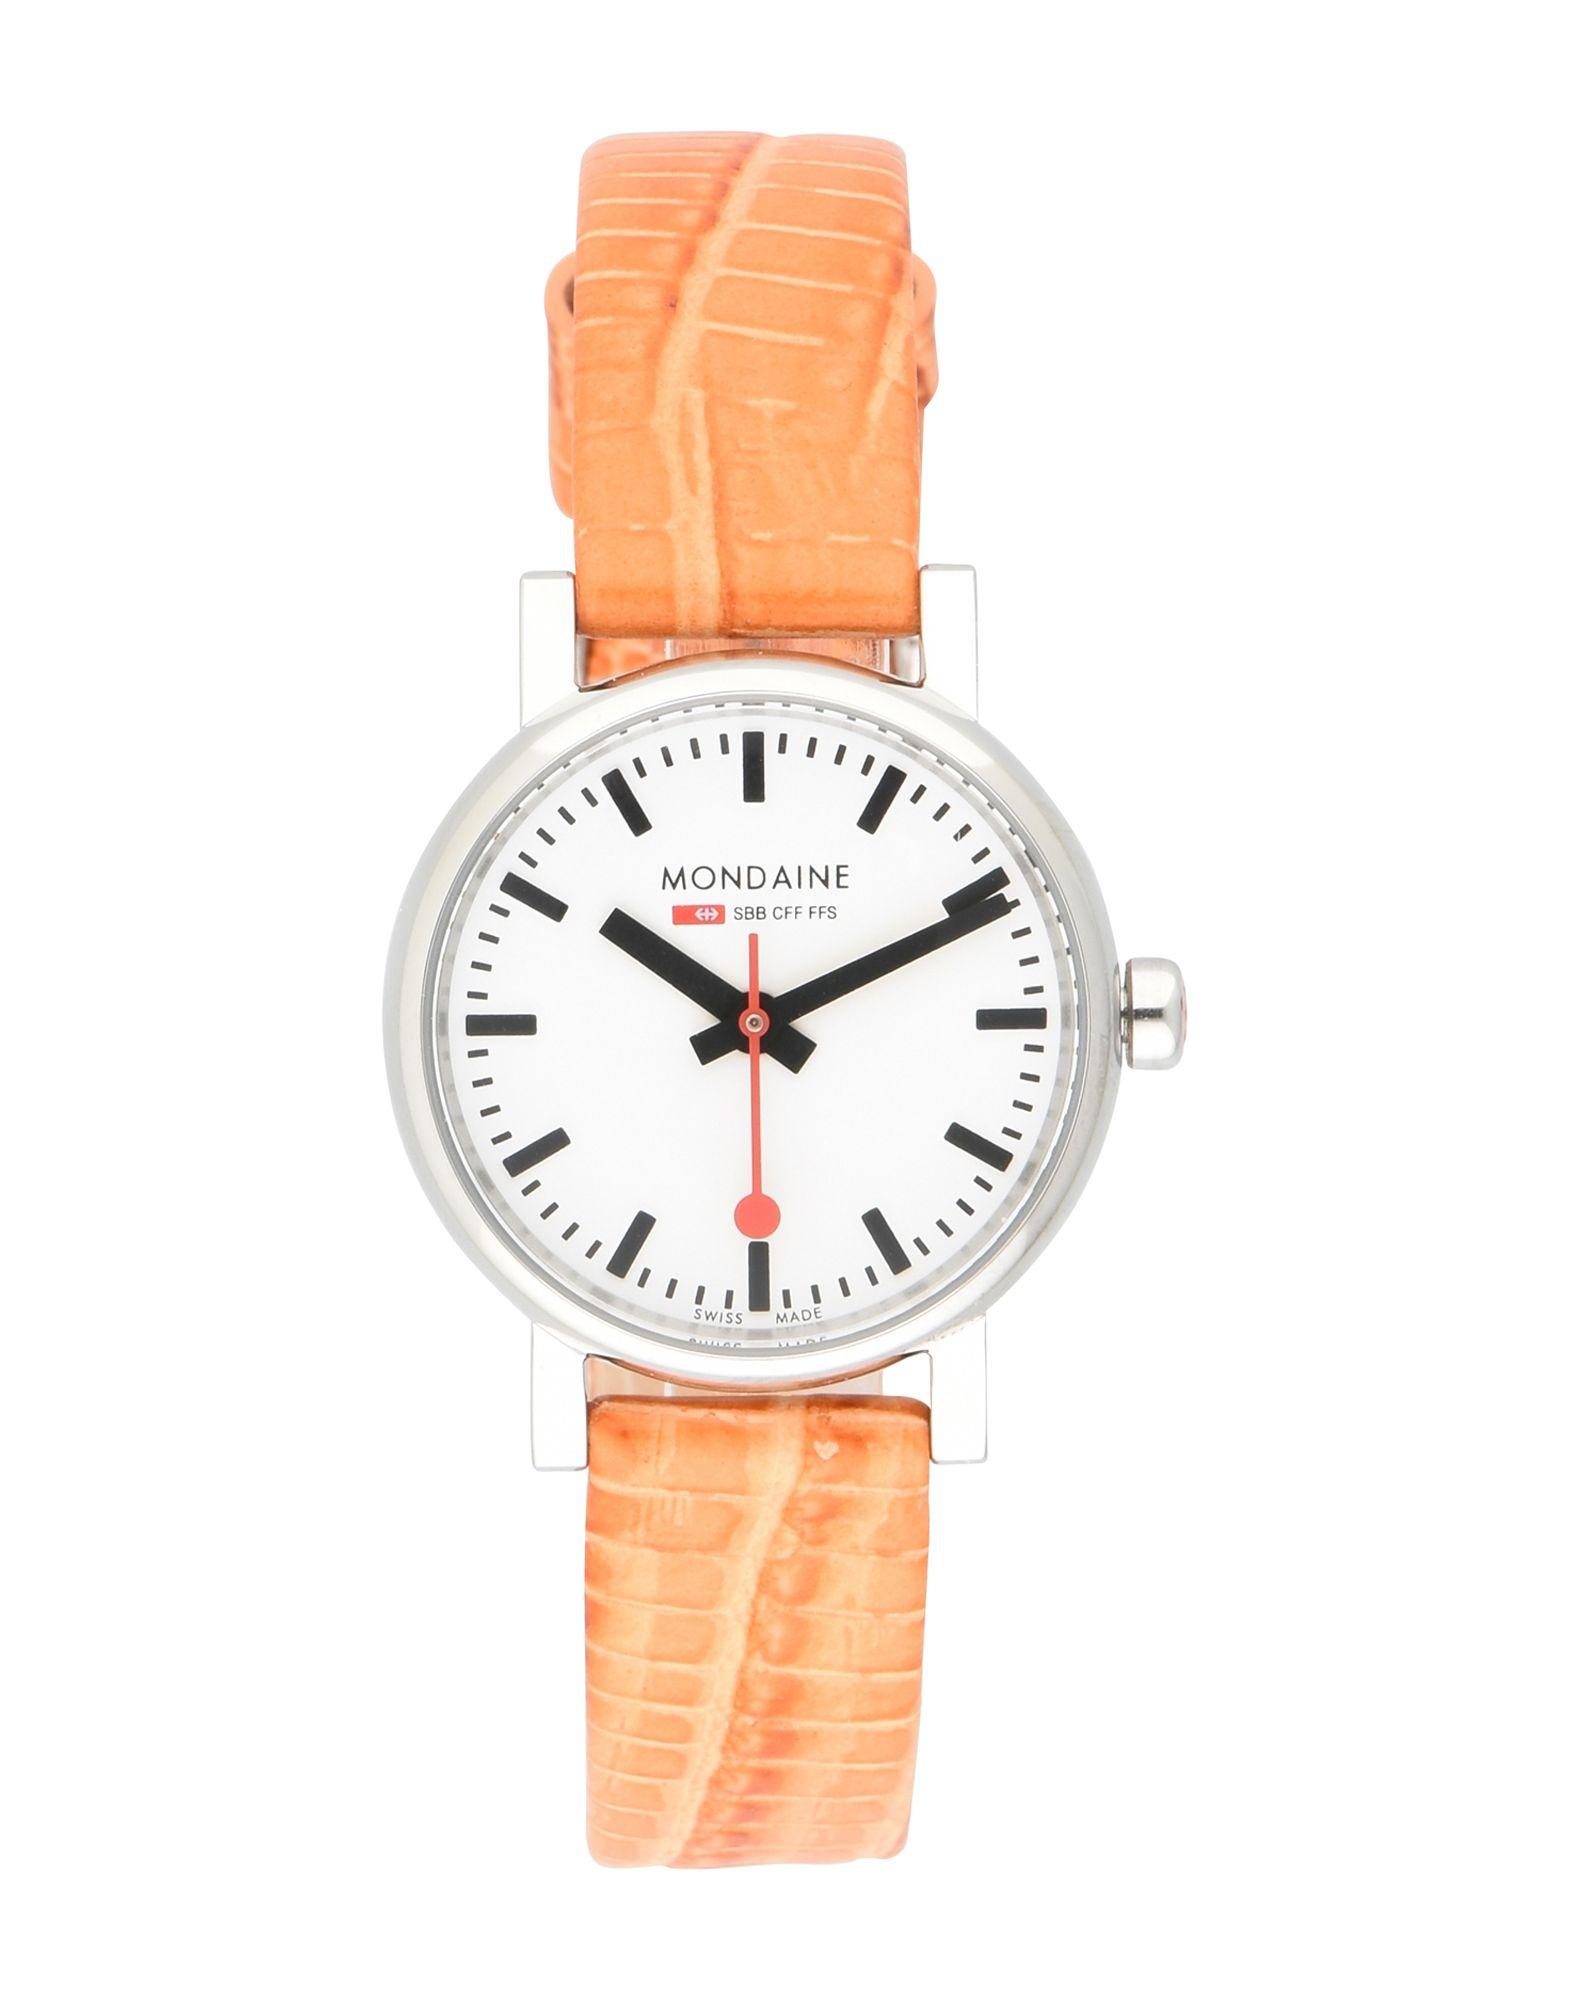 MONDAINE Наручные часы часы relogio feminino мужчины ложная крокодил кожа blu ray часынаручные часы